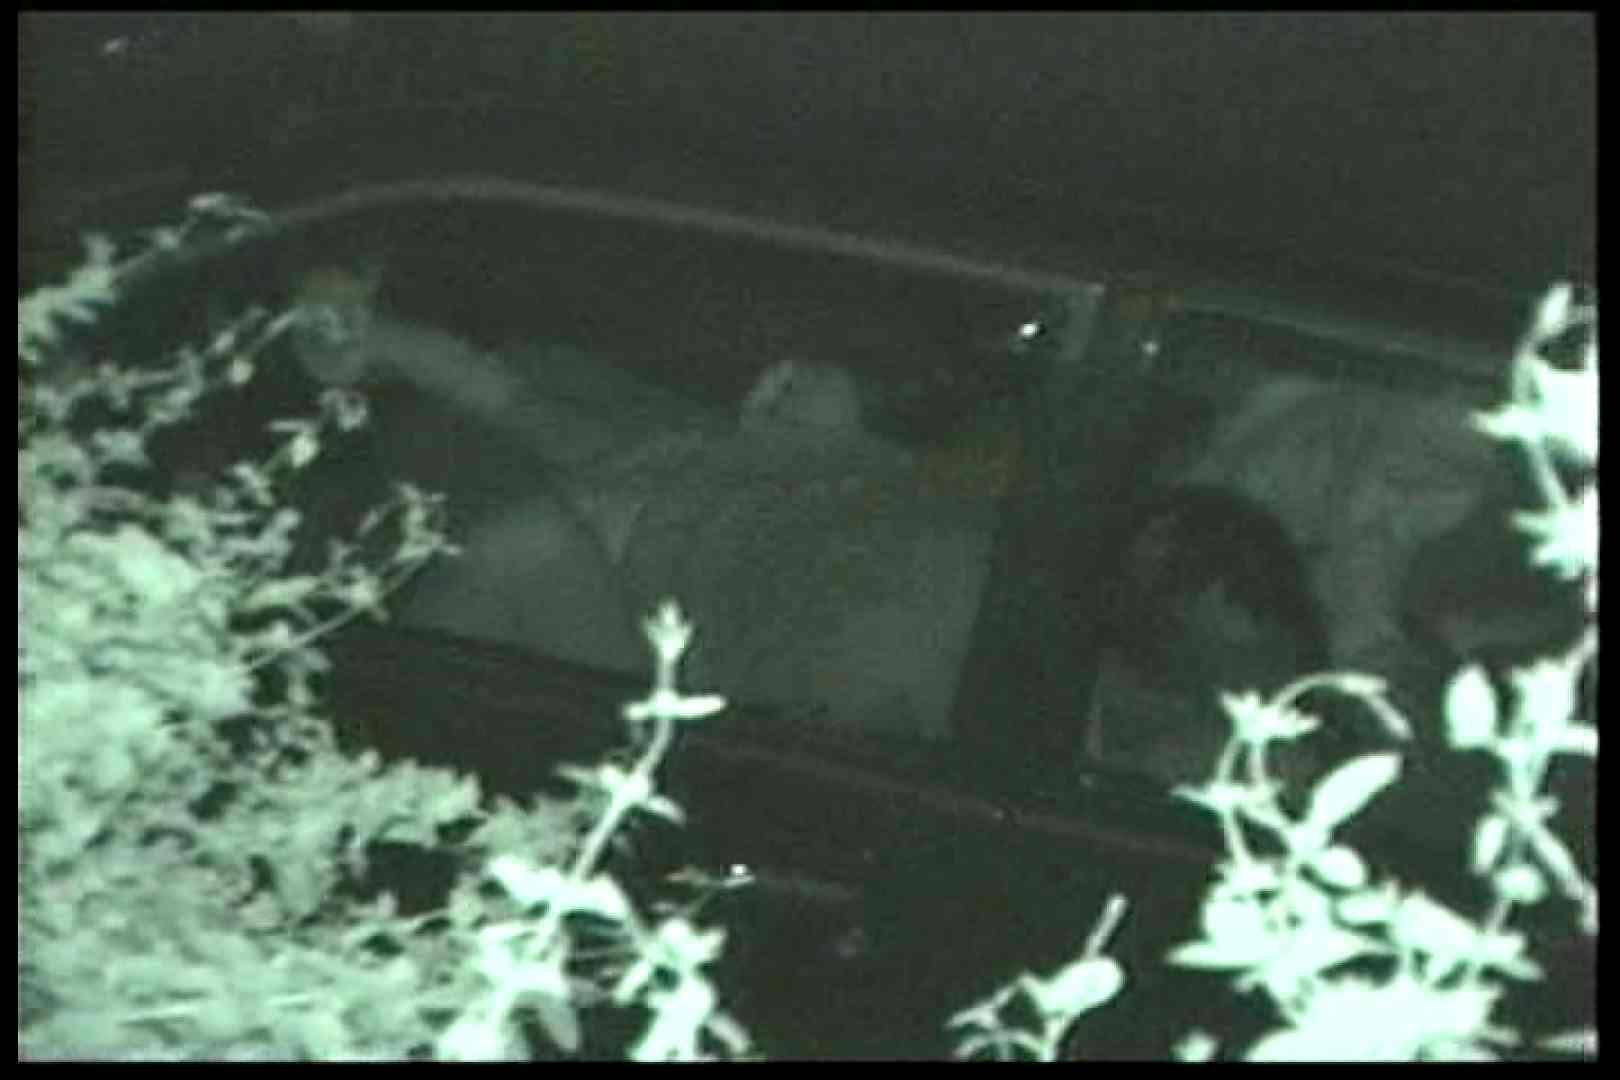 車の中はラブホテル 無修正版  Vol.15 手マン 隠し撮りオマンコ動画紹介 73連発 60